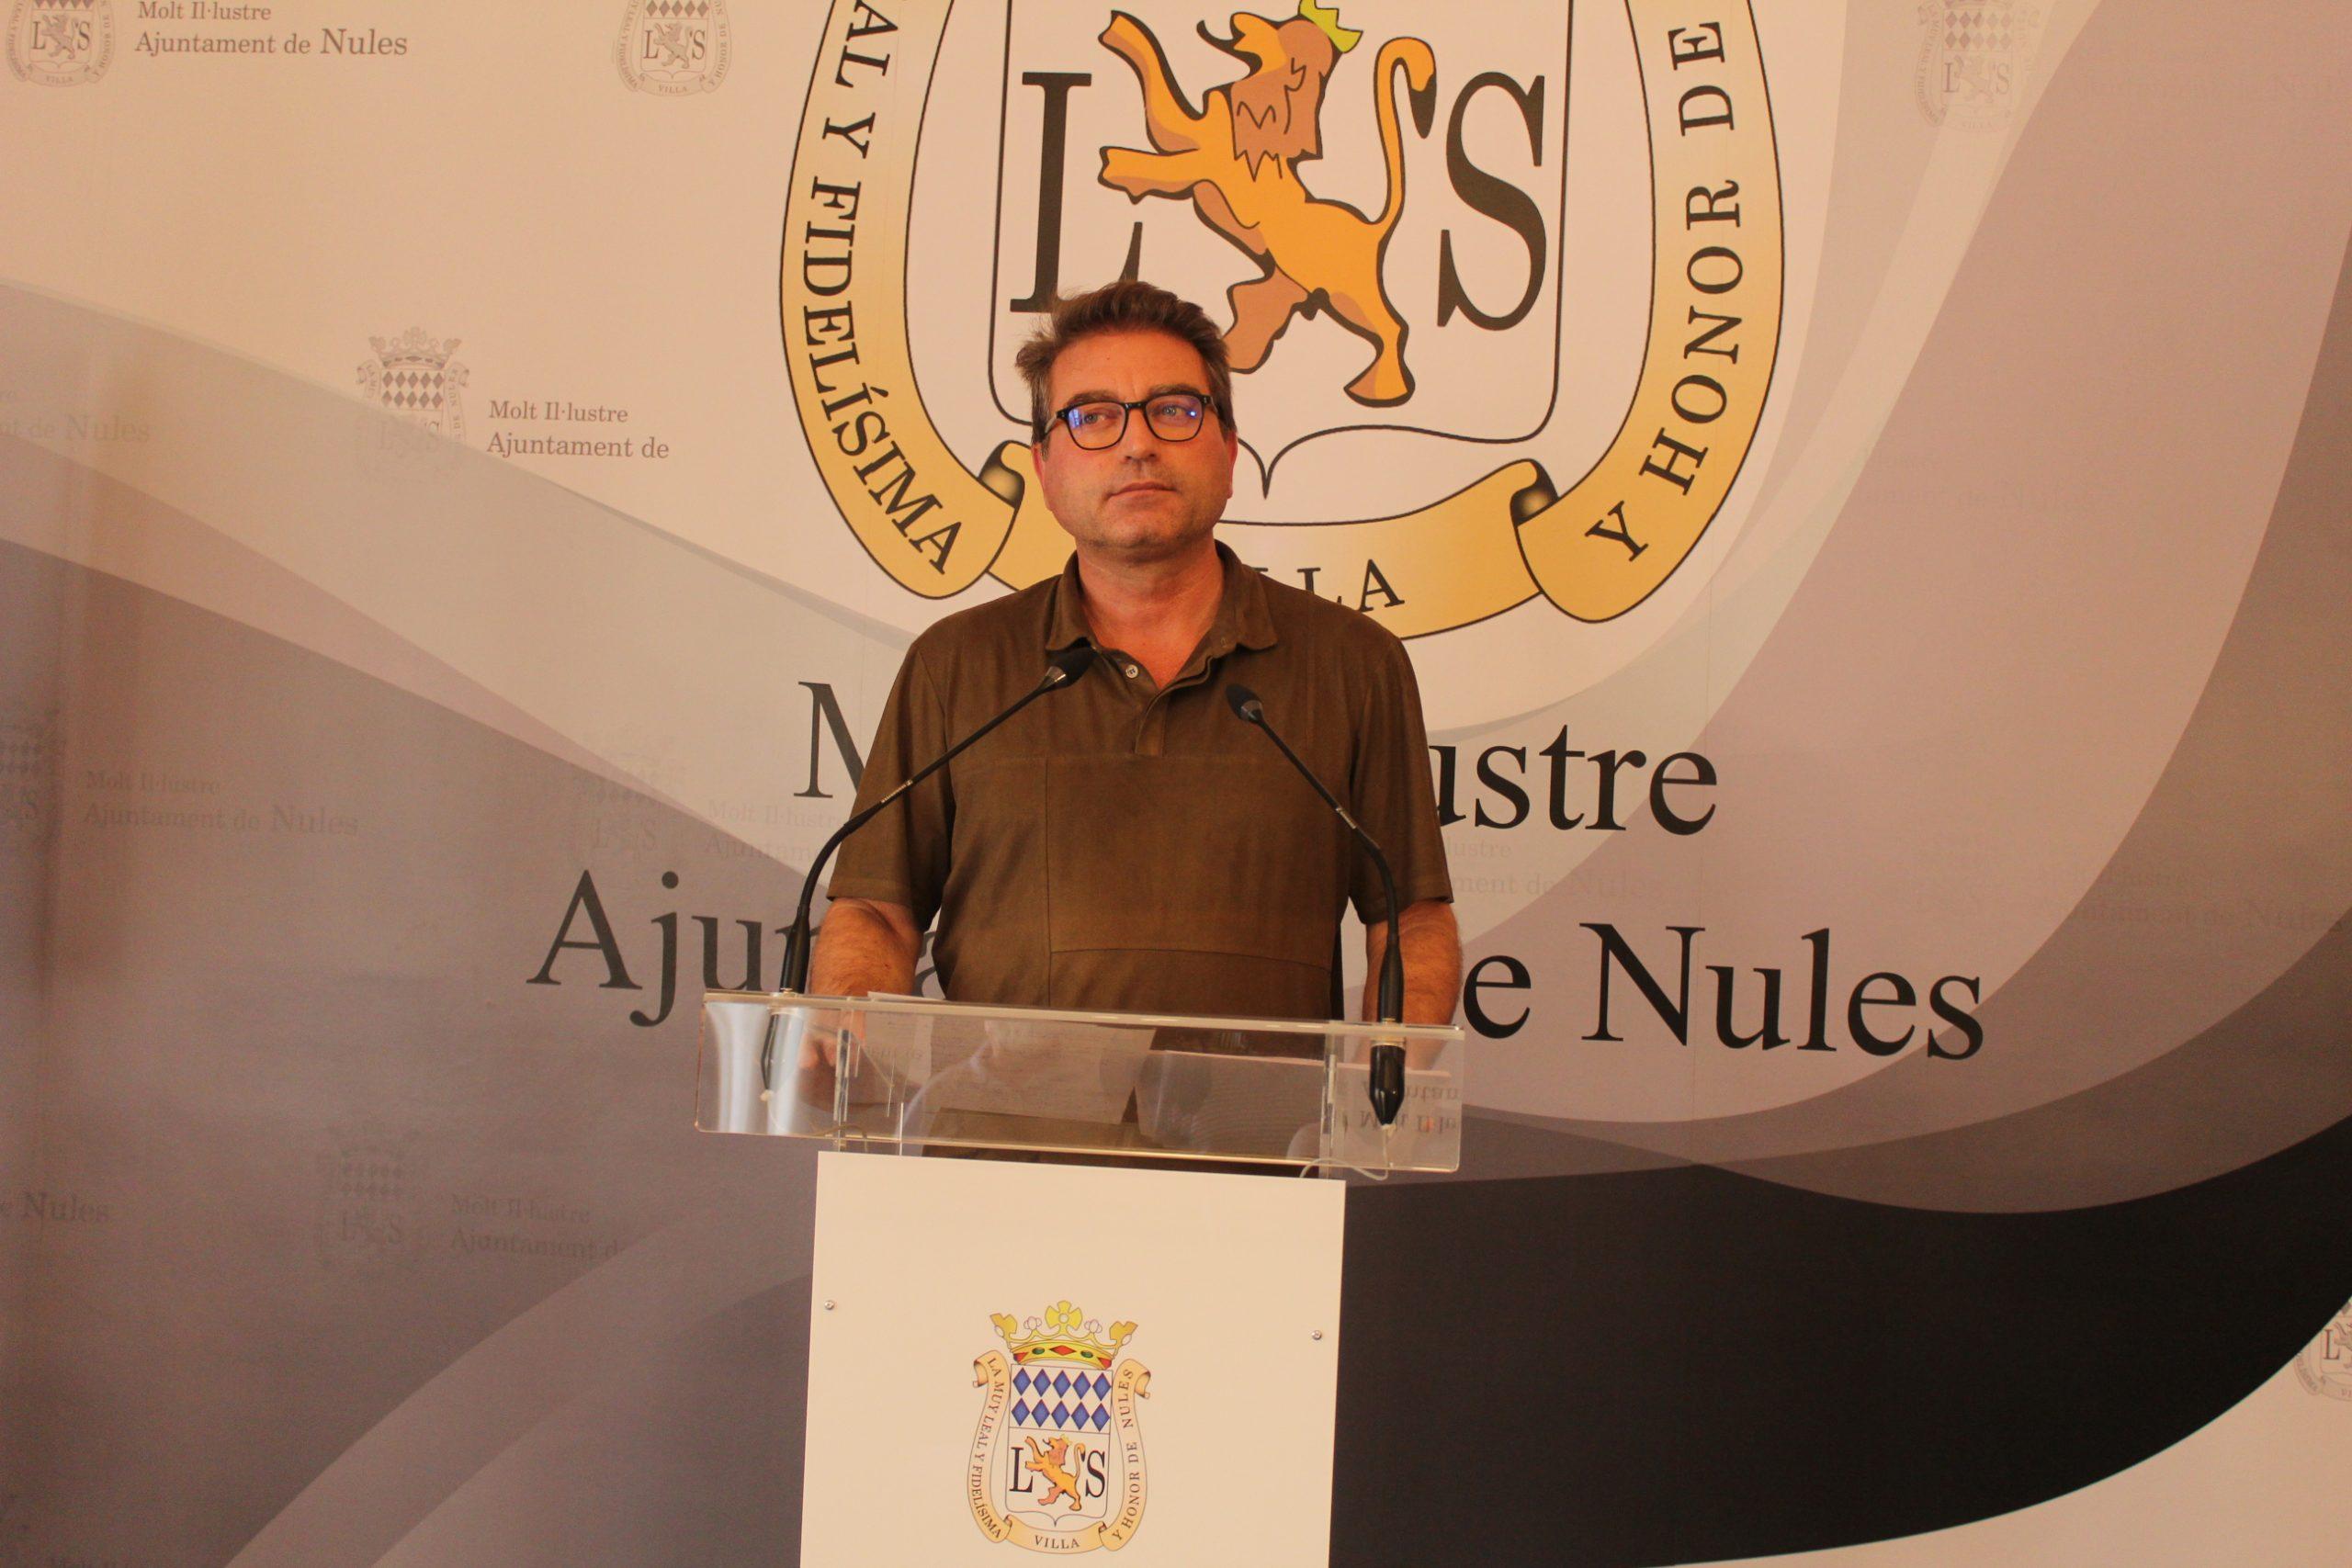 Nules lanza una campaña medioambiental de recogida de vidrio